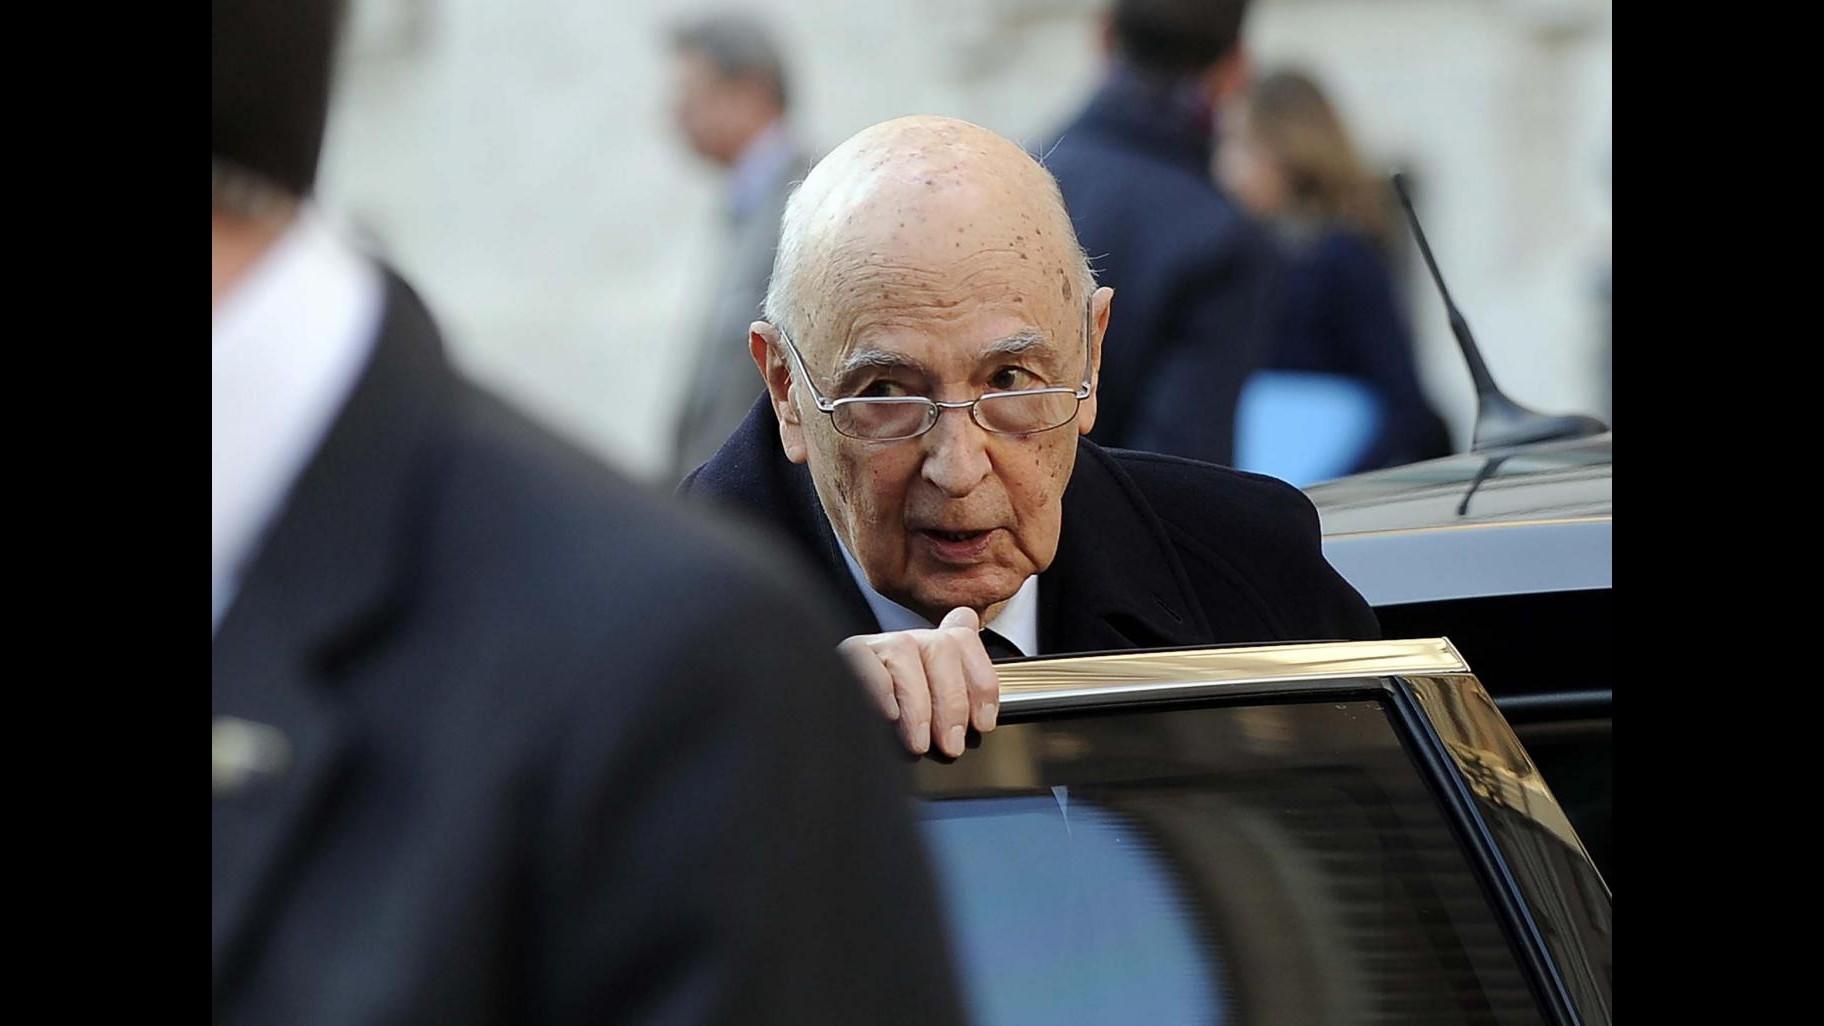 Primo maggio, Napolitano: Festa? No, è allarme lavoro. A sindacati nuovo ruolo